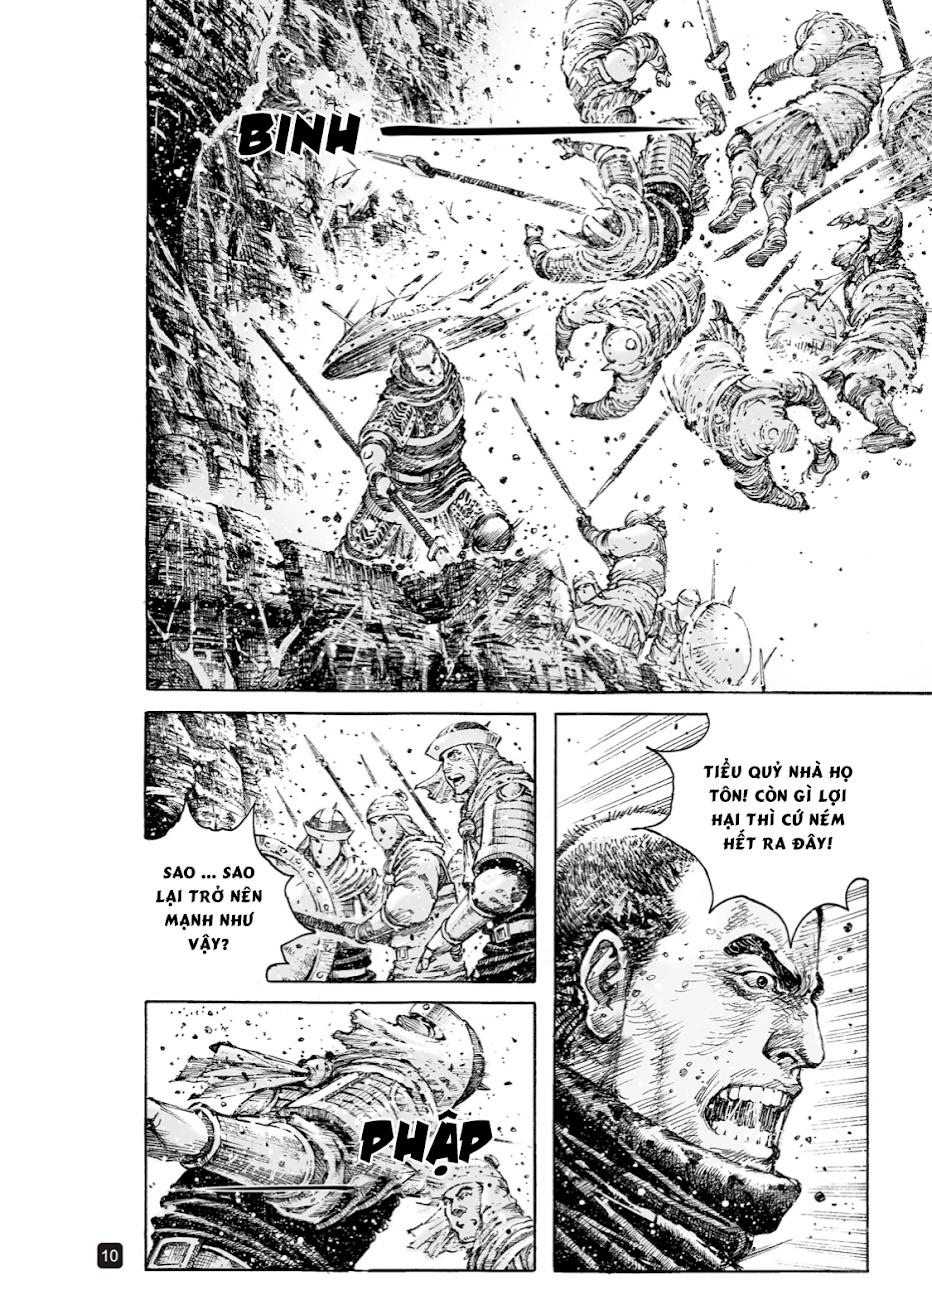 Hỏa phụng liêu nguyên Chương 528: Tào thị song hùng trang 10